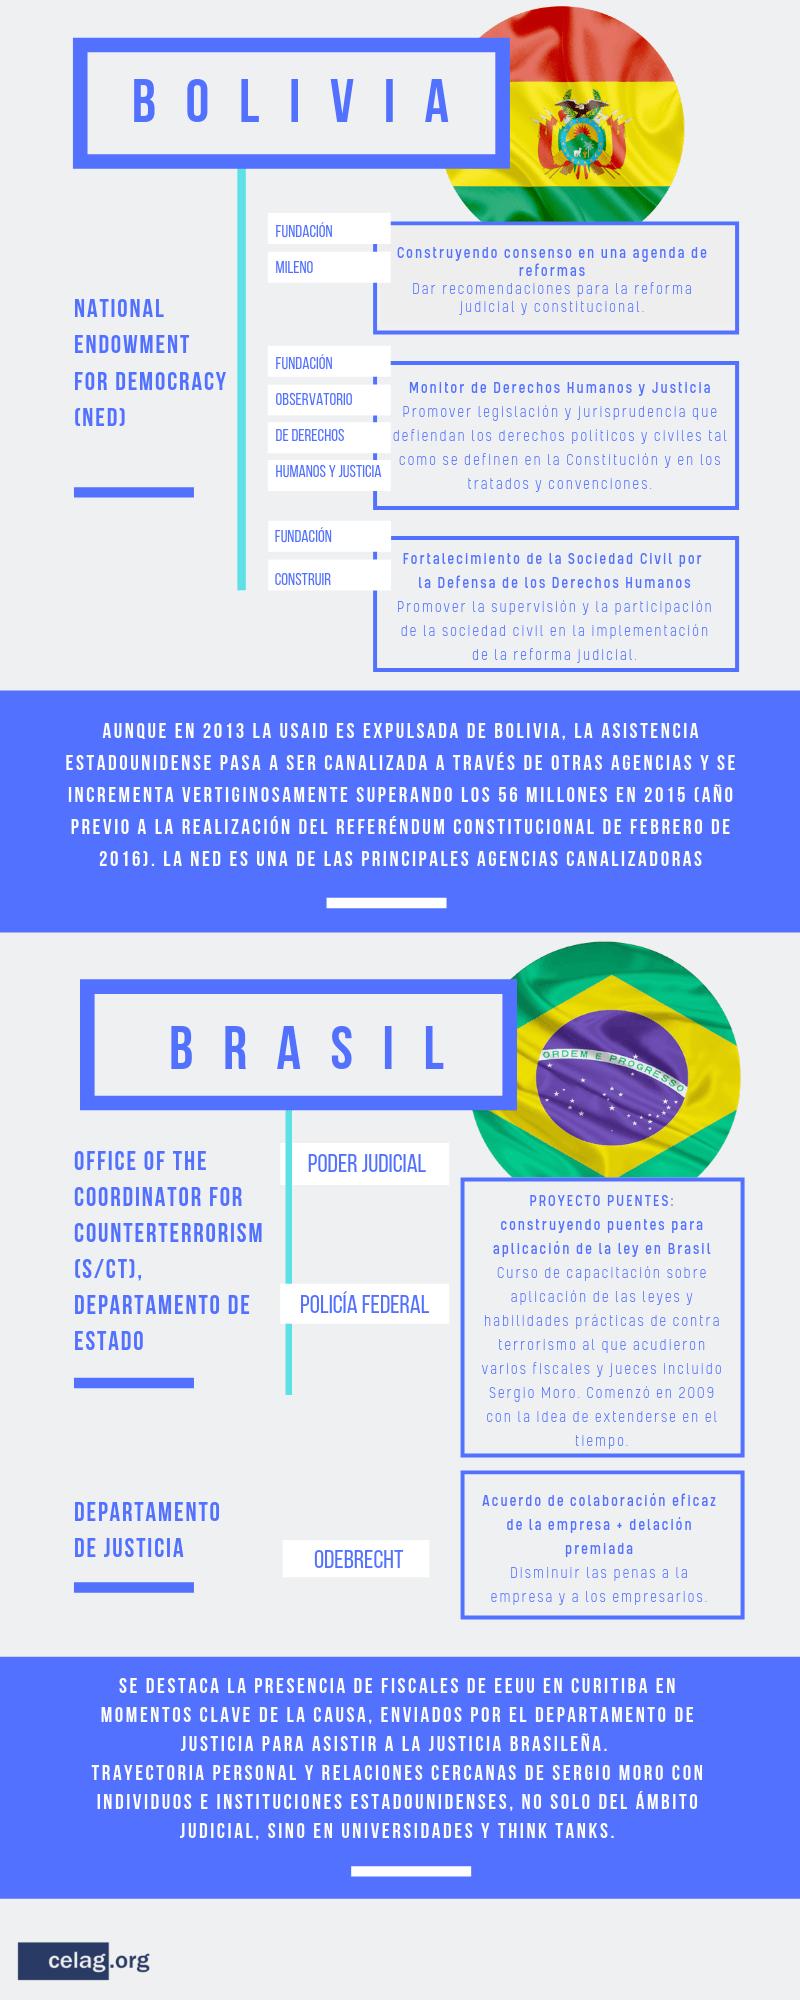 Incidencia judicial de EE. UU. en Brasil